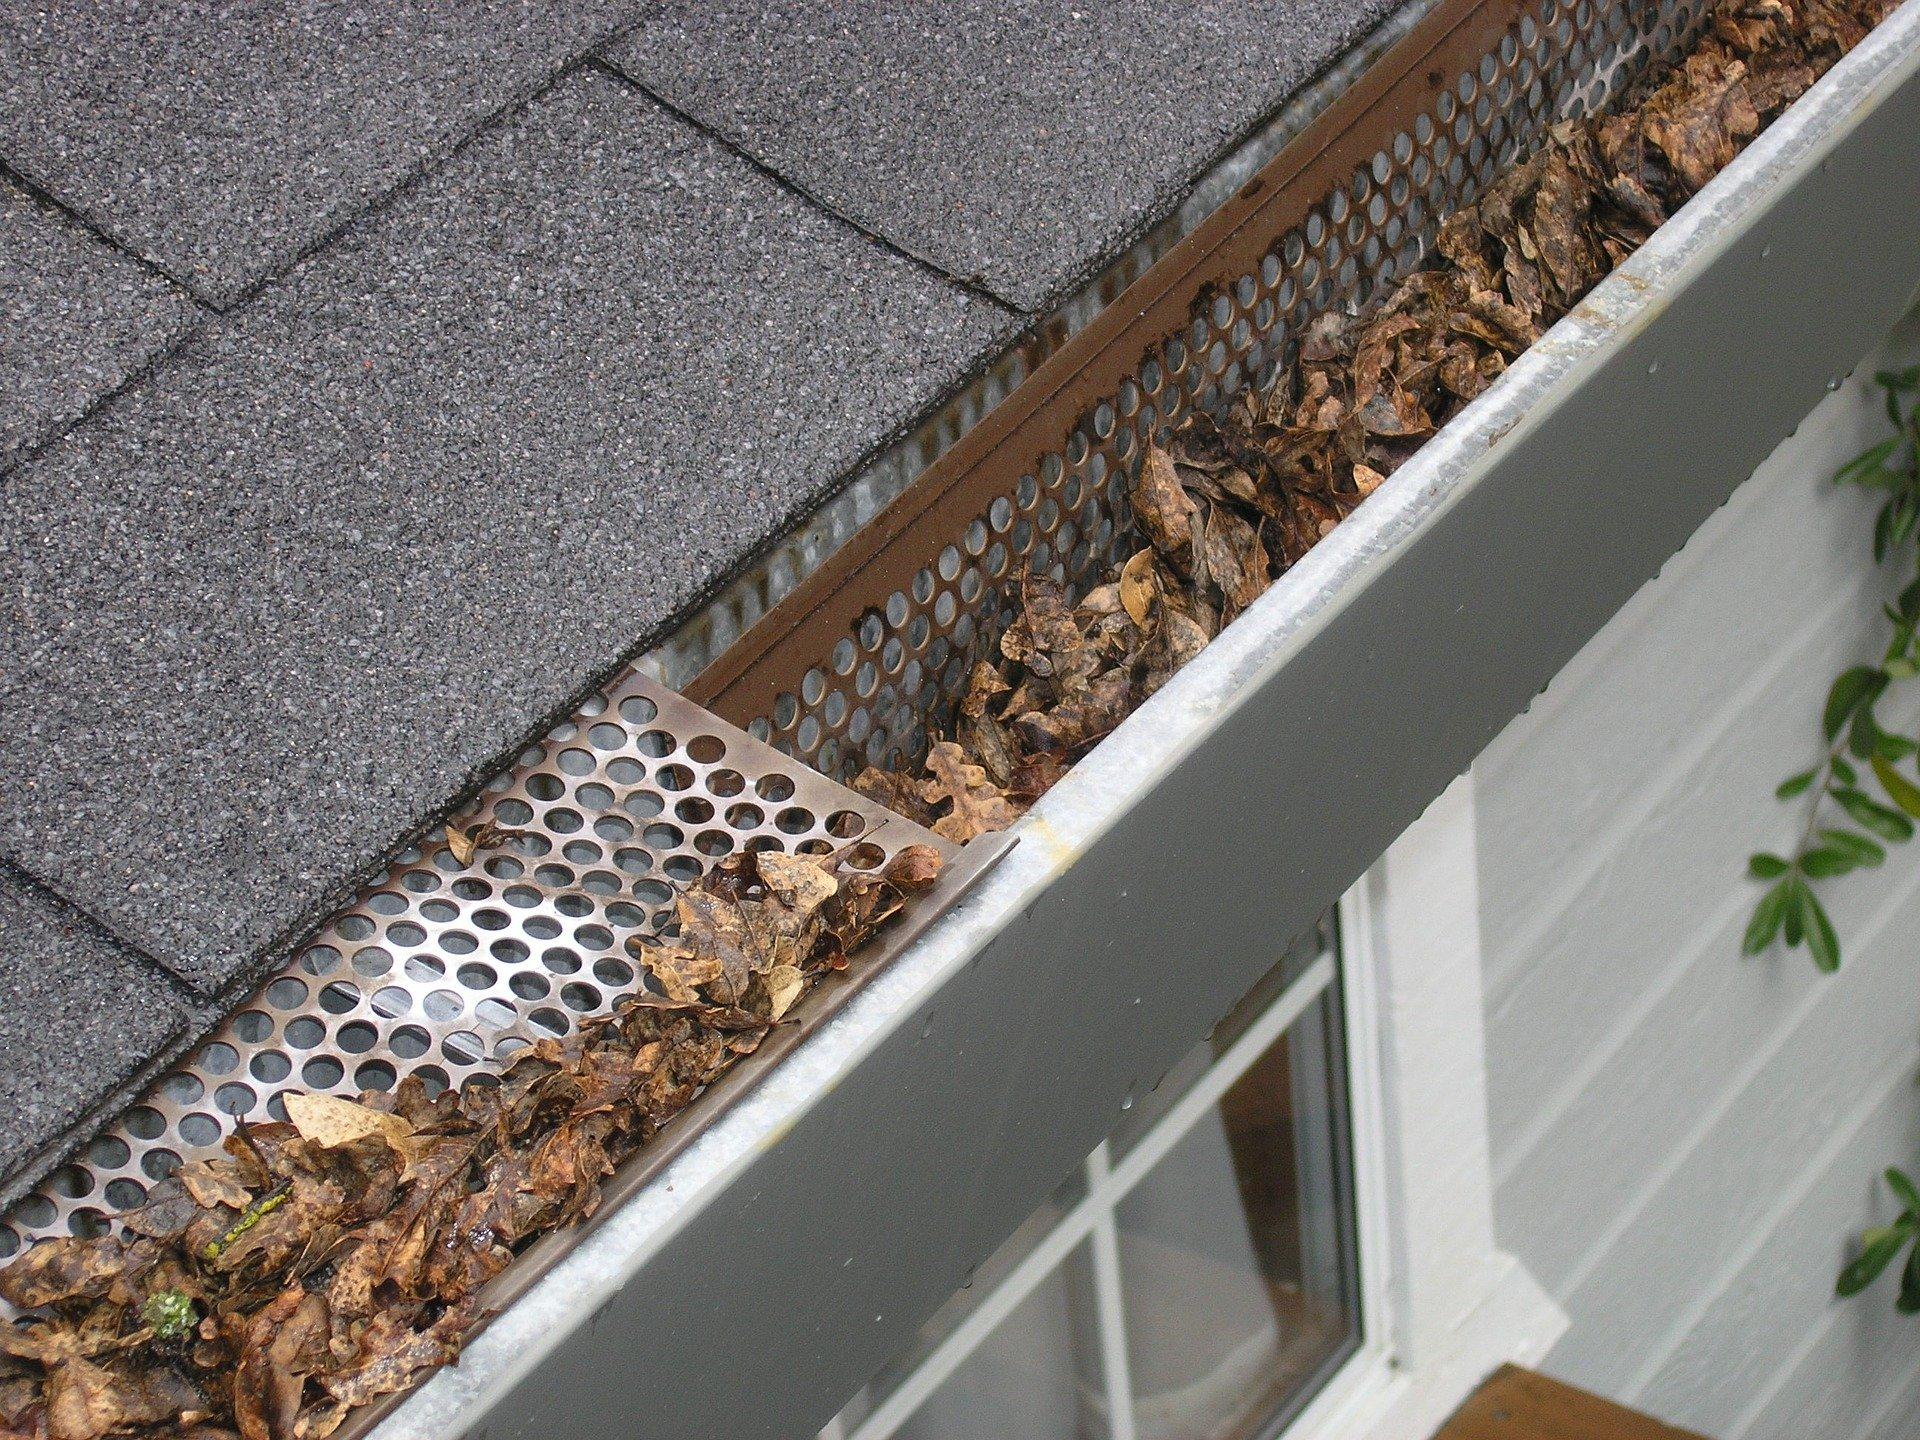 Une gouttière obstruée, cause de fuite dans la toiture